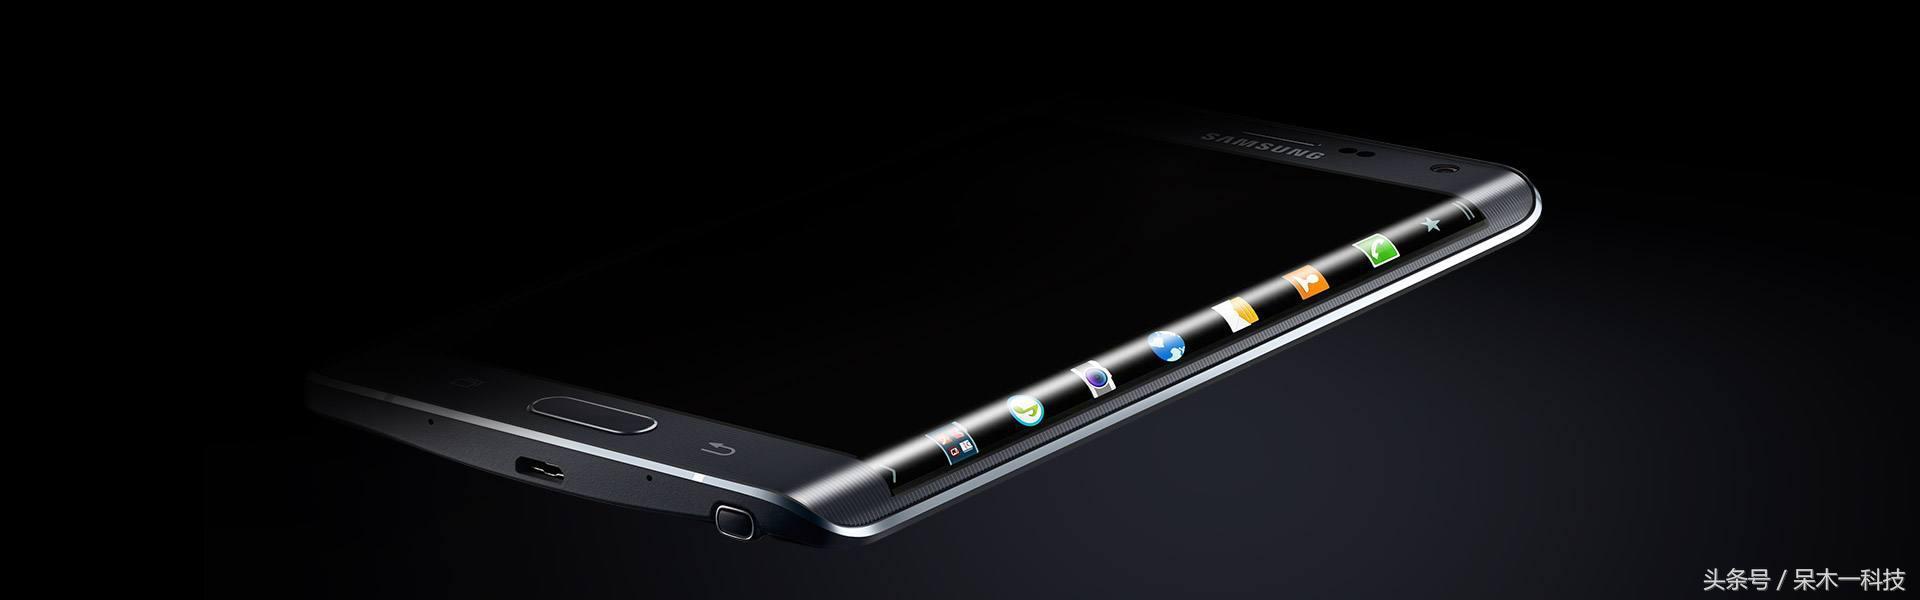 手機螢幕。AMOLED與LCD哪個更傷眼?真相很可怕 - 每日頭條